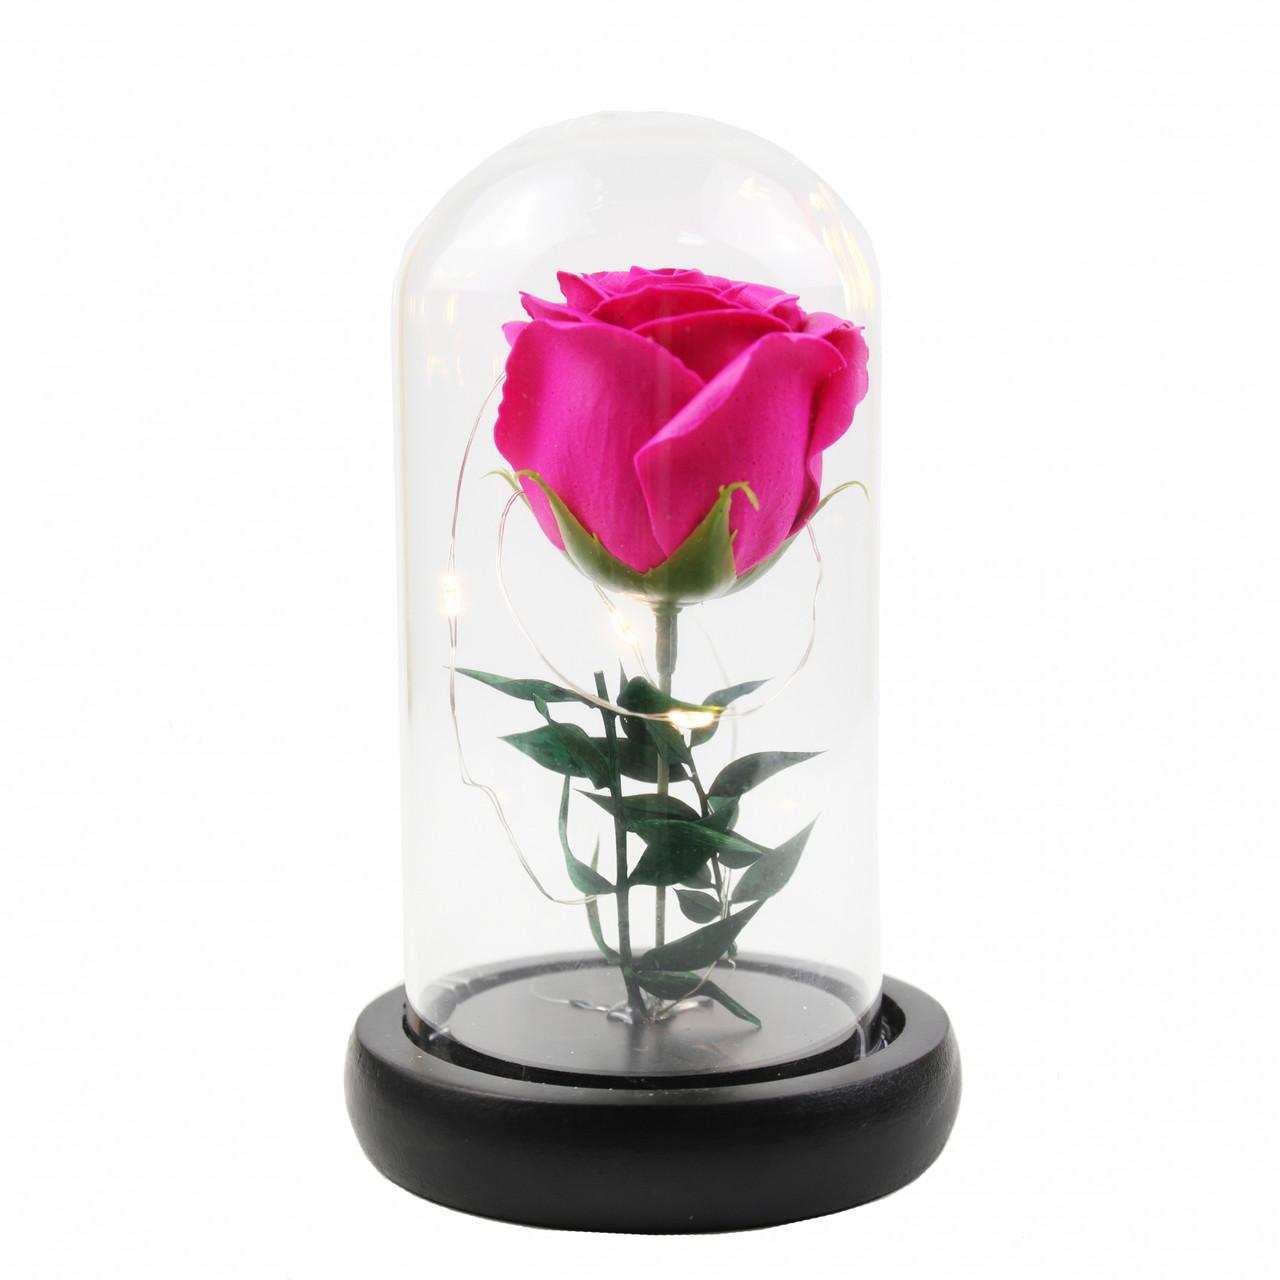 Роза в колбе с Led подсветкой маленькая Розовая 149733